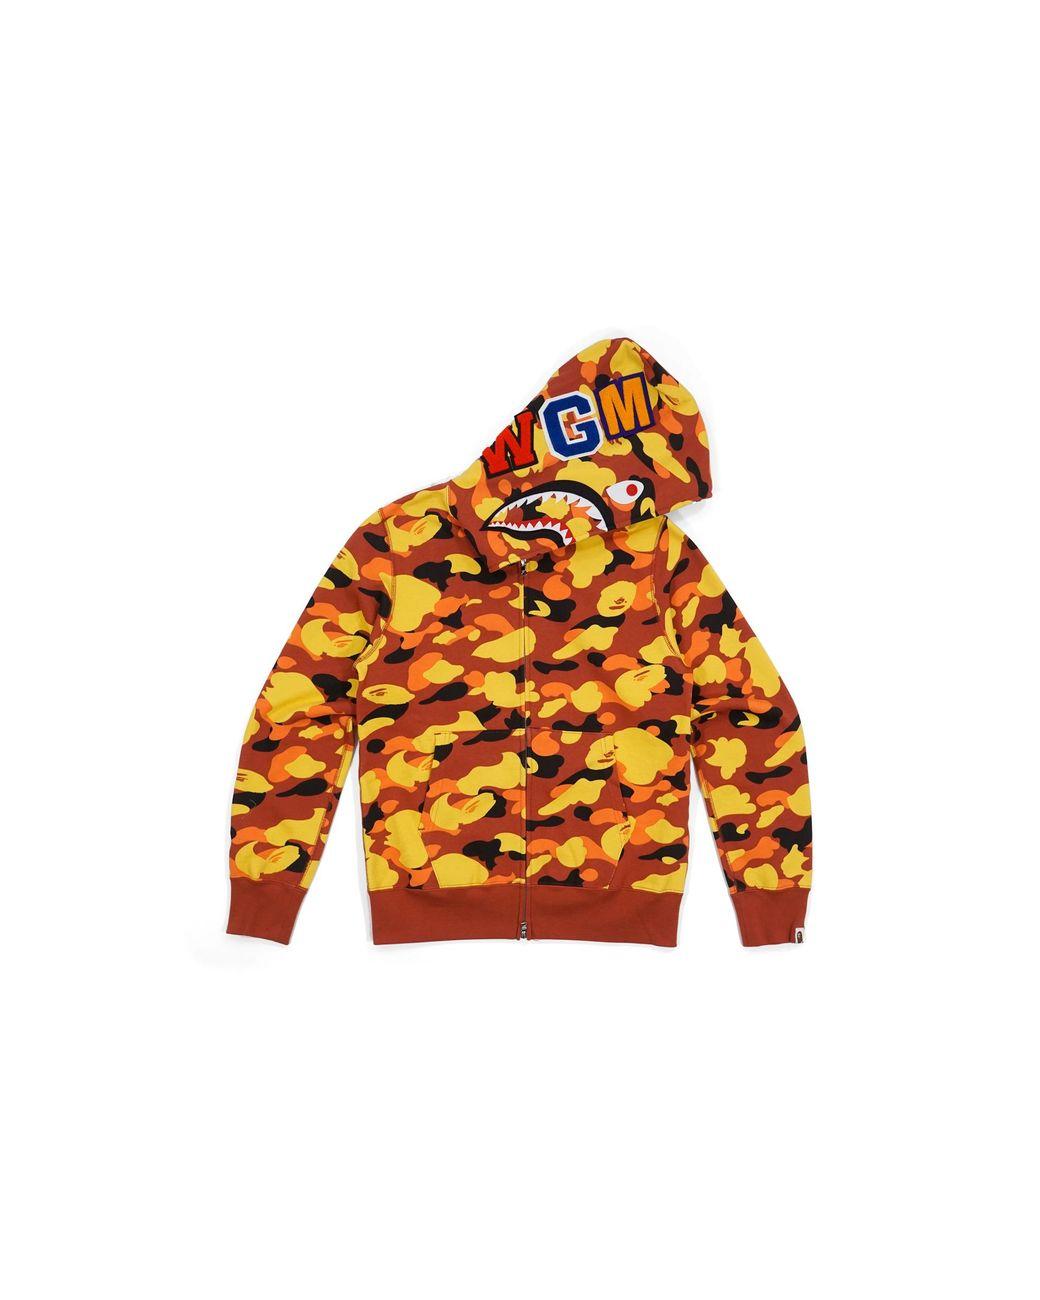 ab5c9d24 A Bathing Ape Ultimate 1st Camo Wgm Wappen Shark Orange in Orange for Men -  Lyst